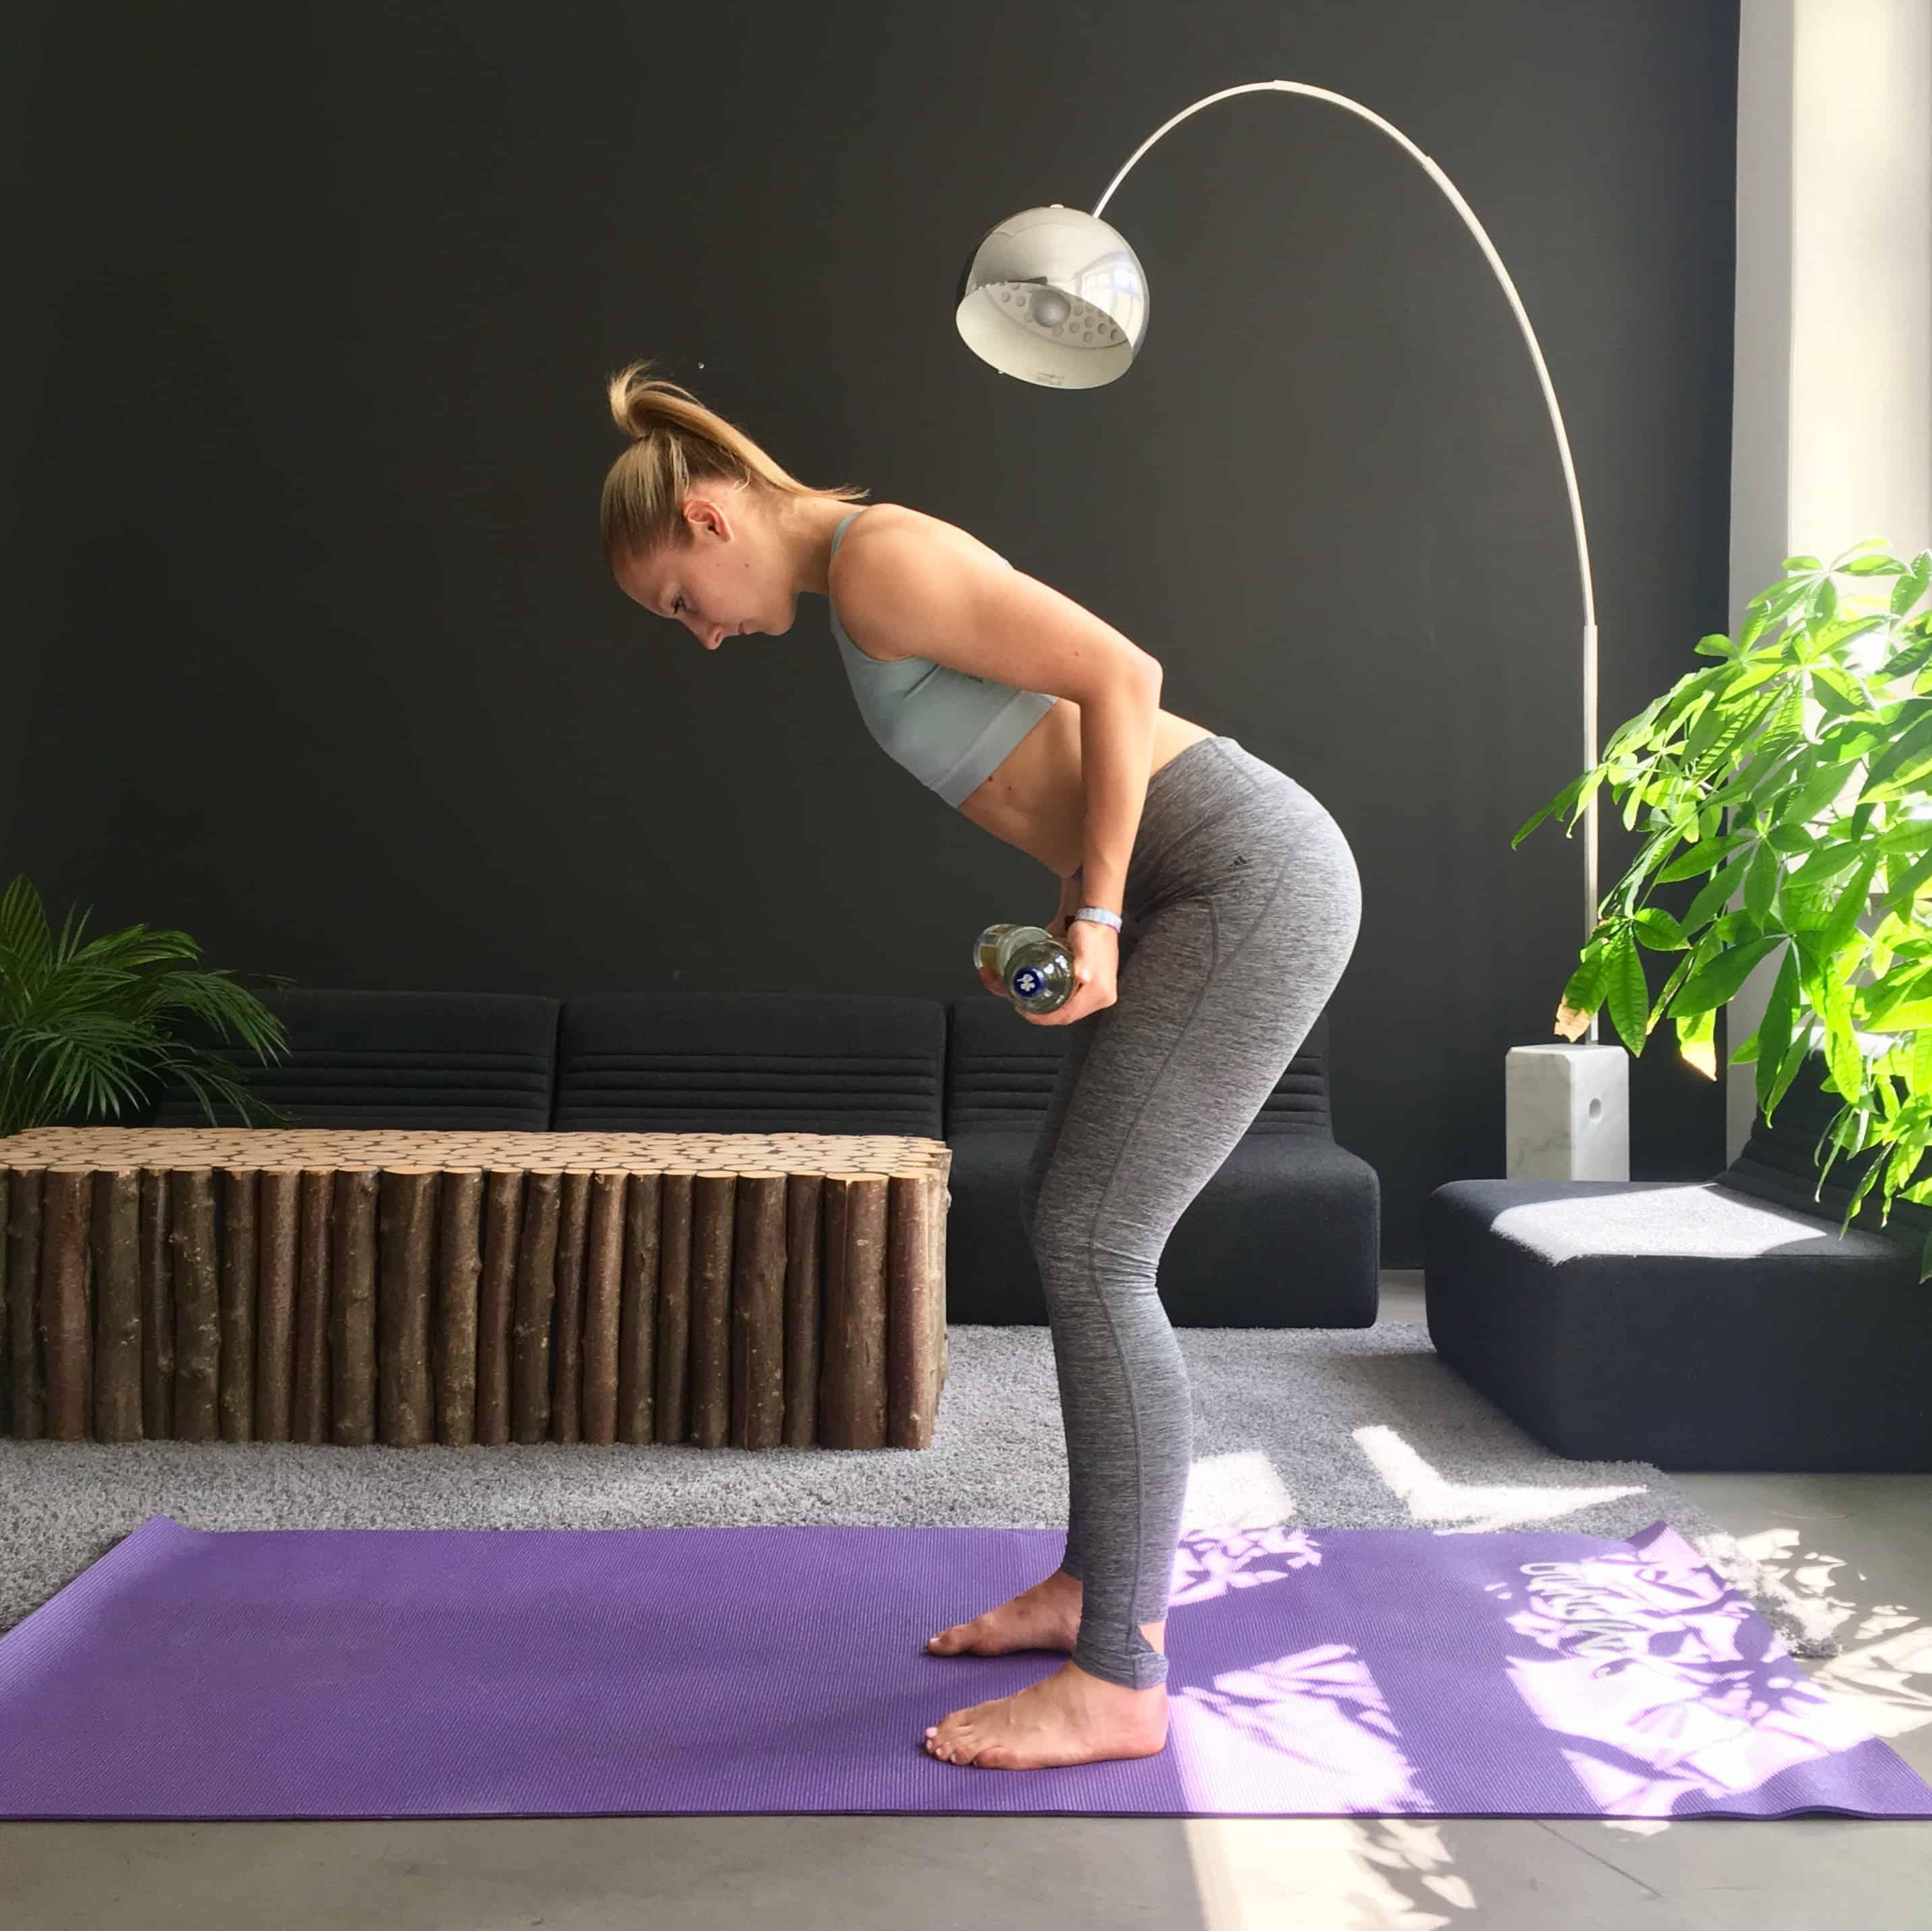 Frau macht Rückenübung rudern mit wasserflaschen